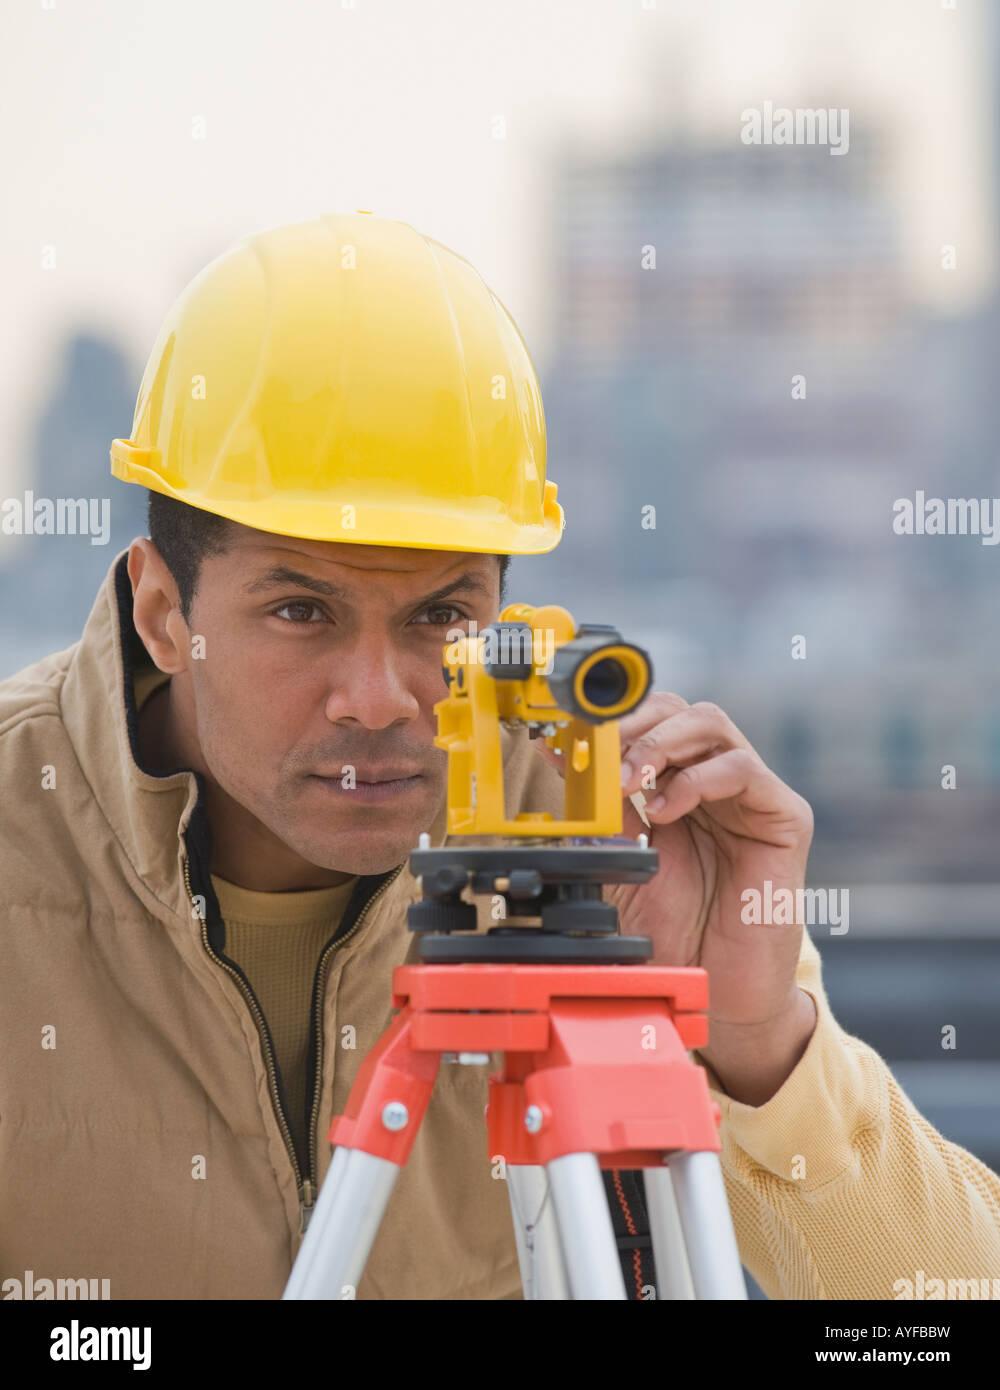 Varón africano agrimensor mirando a través del dispositivo de medición Imagen De Stock